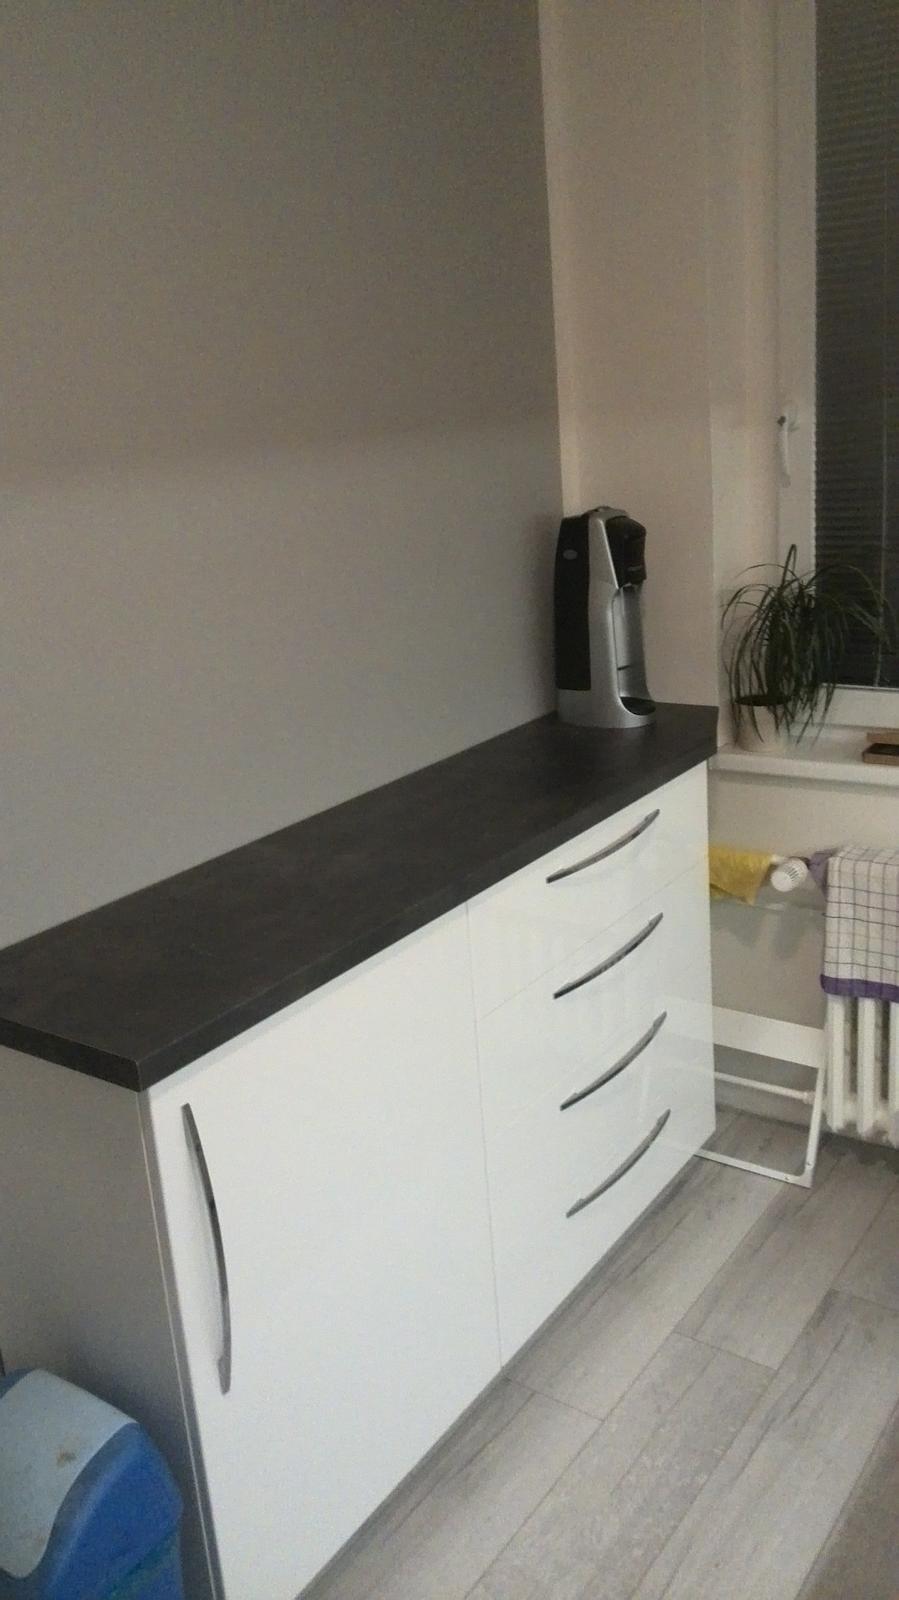 Rekonstrukne naší kuchyně - a protilinka...